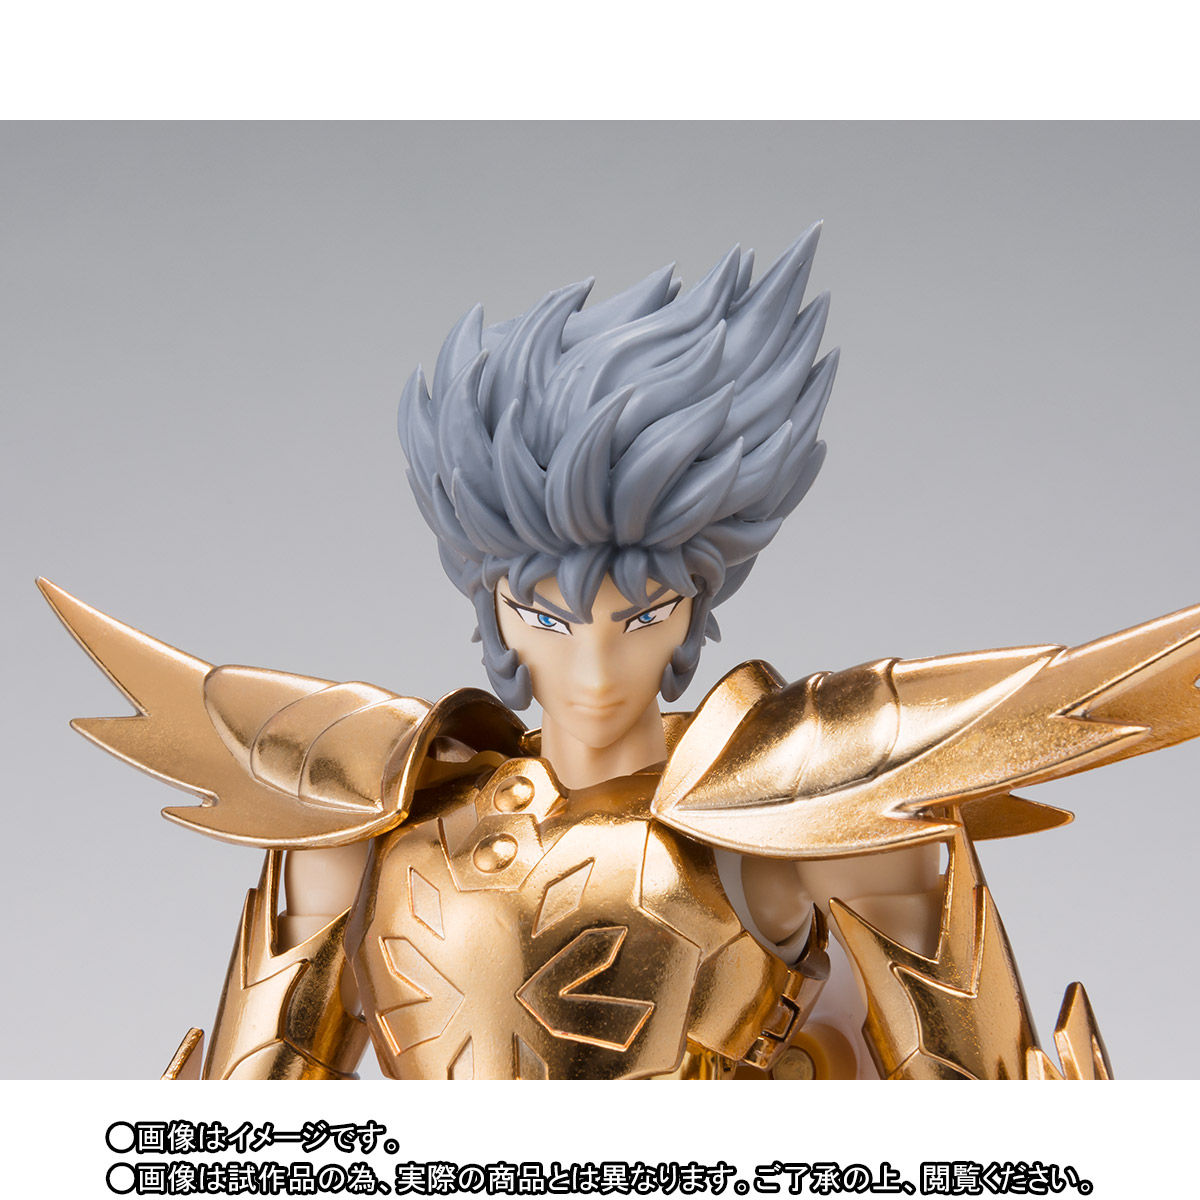 【限定販売】聖闘士聖衣神話EX『キャンサー デスマスク ~ORIGINAL COLOR EDITION~』可動フィギュア-003